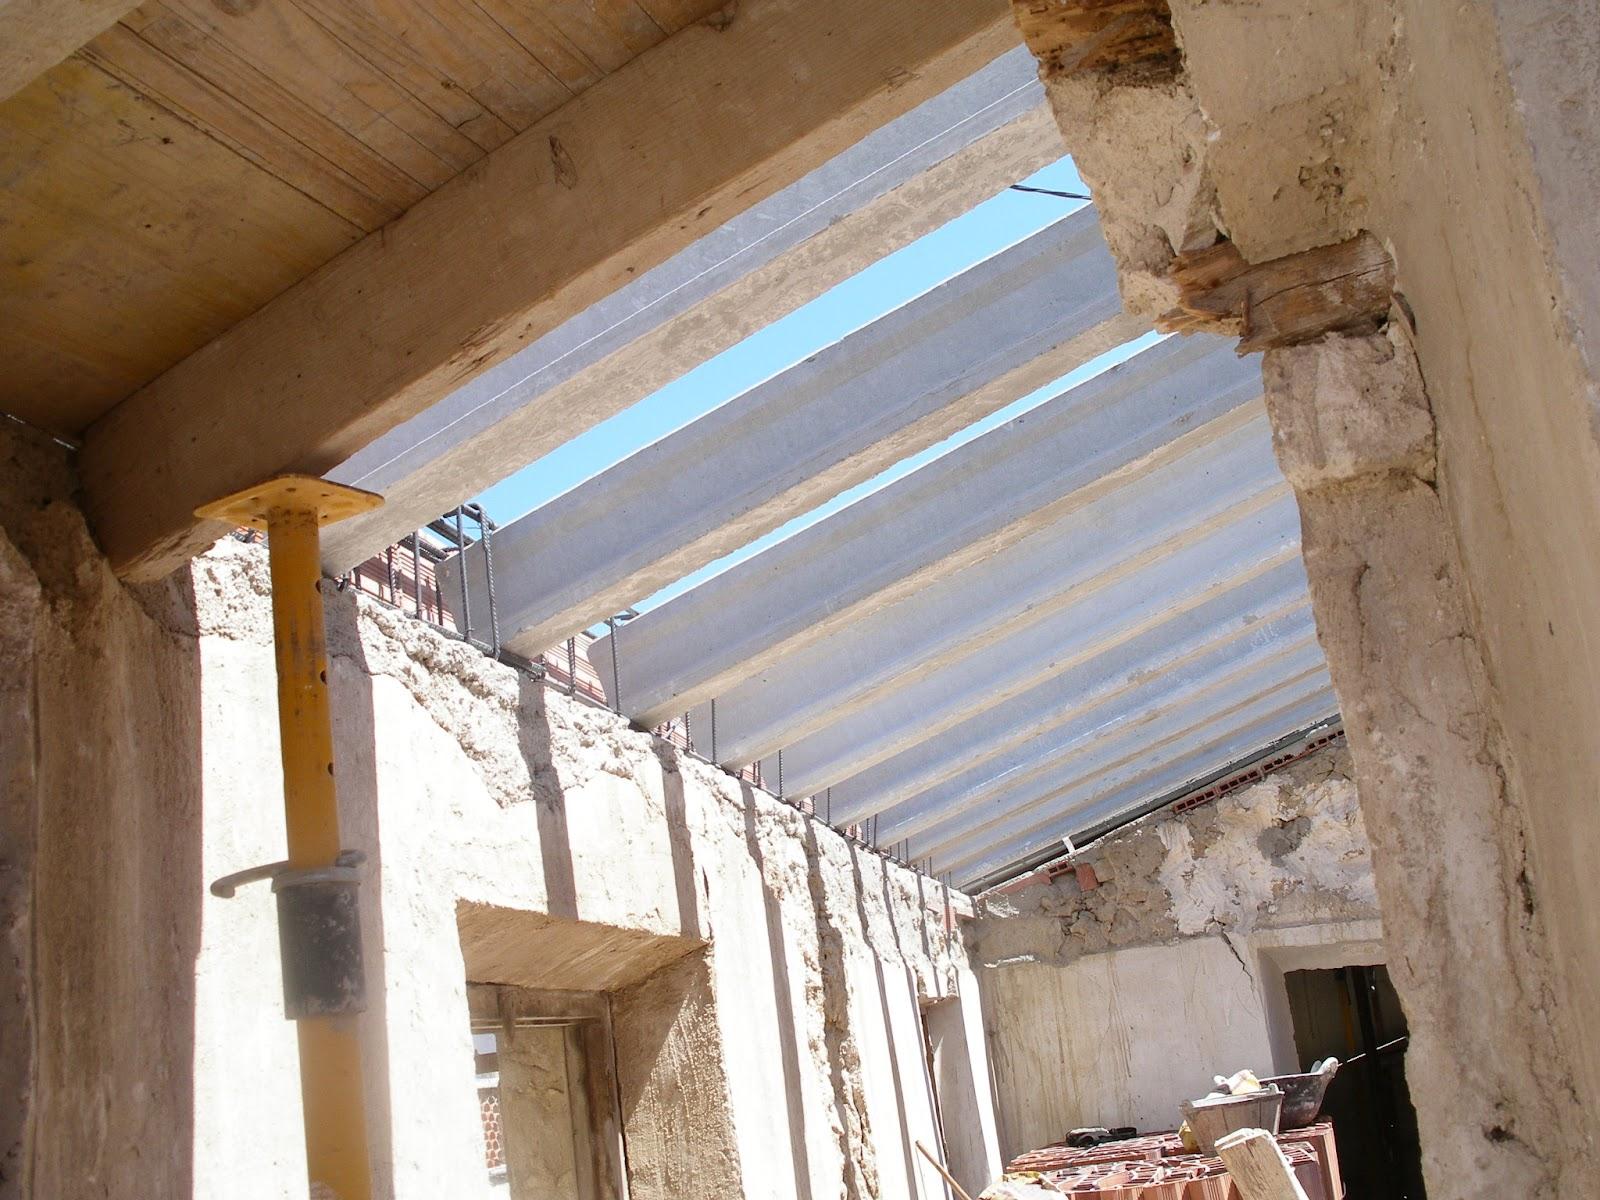 Rehabilitaci n de vivienda en entorno urbano protegido - Como construir un tejado ...